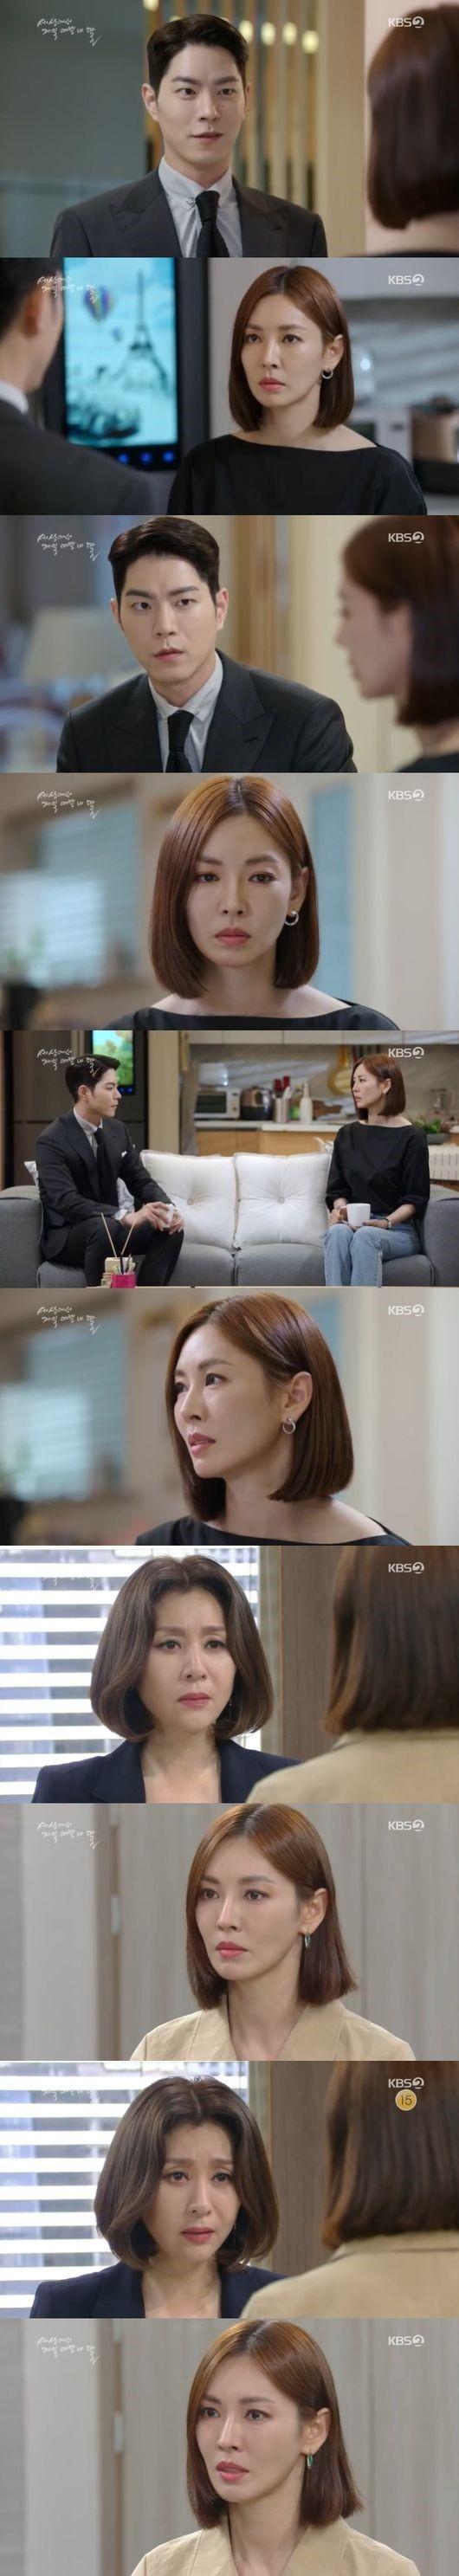 세젤예 김소연, 홍종현 사랑해서 떠났다..최명길과 모녀관계도 비밀 [Oh!쎈 리뷰]